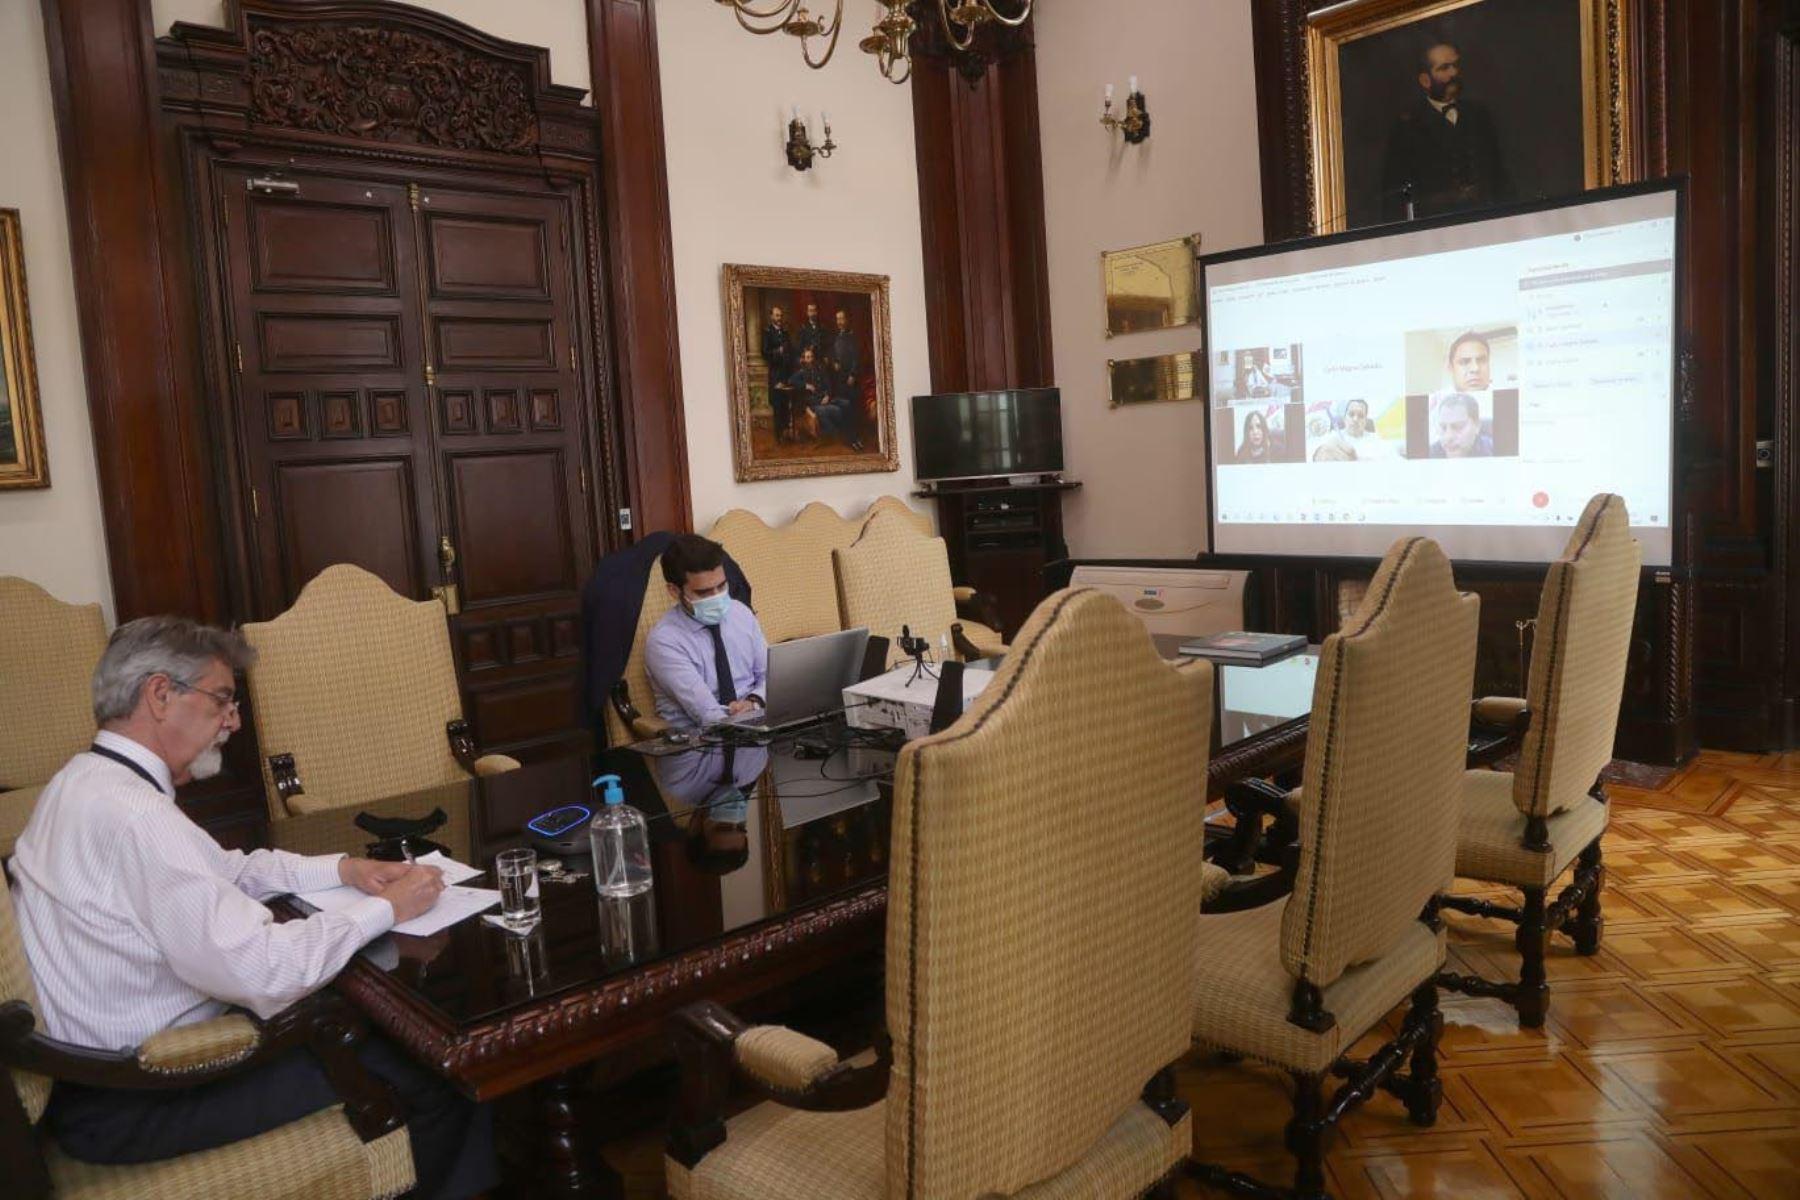 Presidente de la República, Francisco Sagasti continua con las reuniones virtuales de trabajo con los diferentes grupos parlamentarios. En esta oportunidad , dialogó esta con congresistas de Fuerza Popular, Acción Popular, Descentralización Democrática y Podemos Perú. Foto: ANDINA/Prensa Presidencia